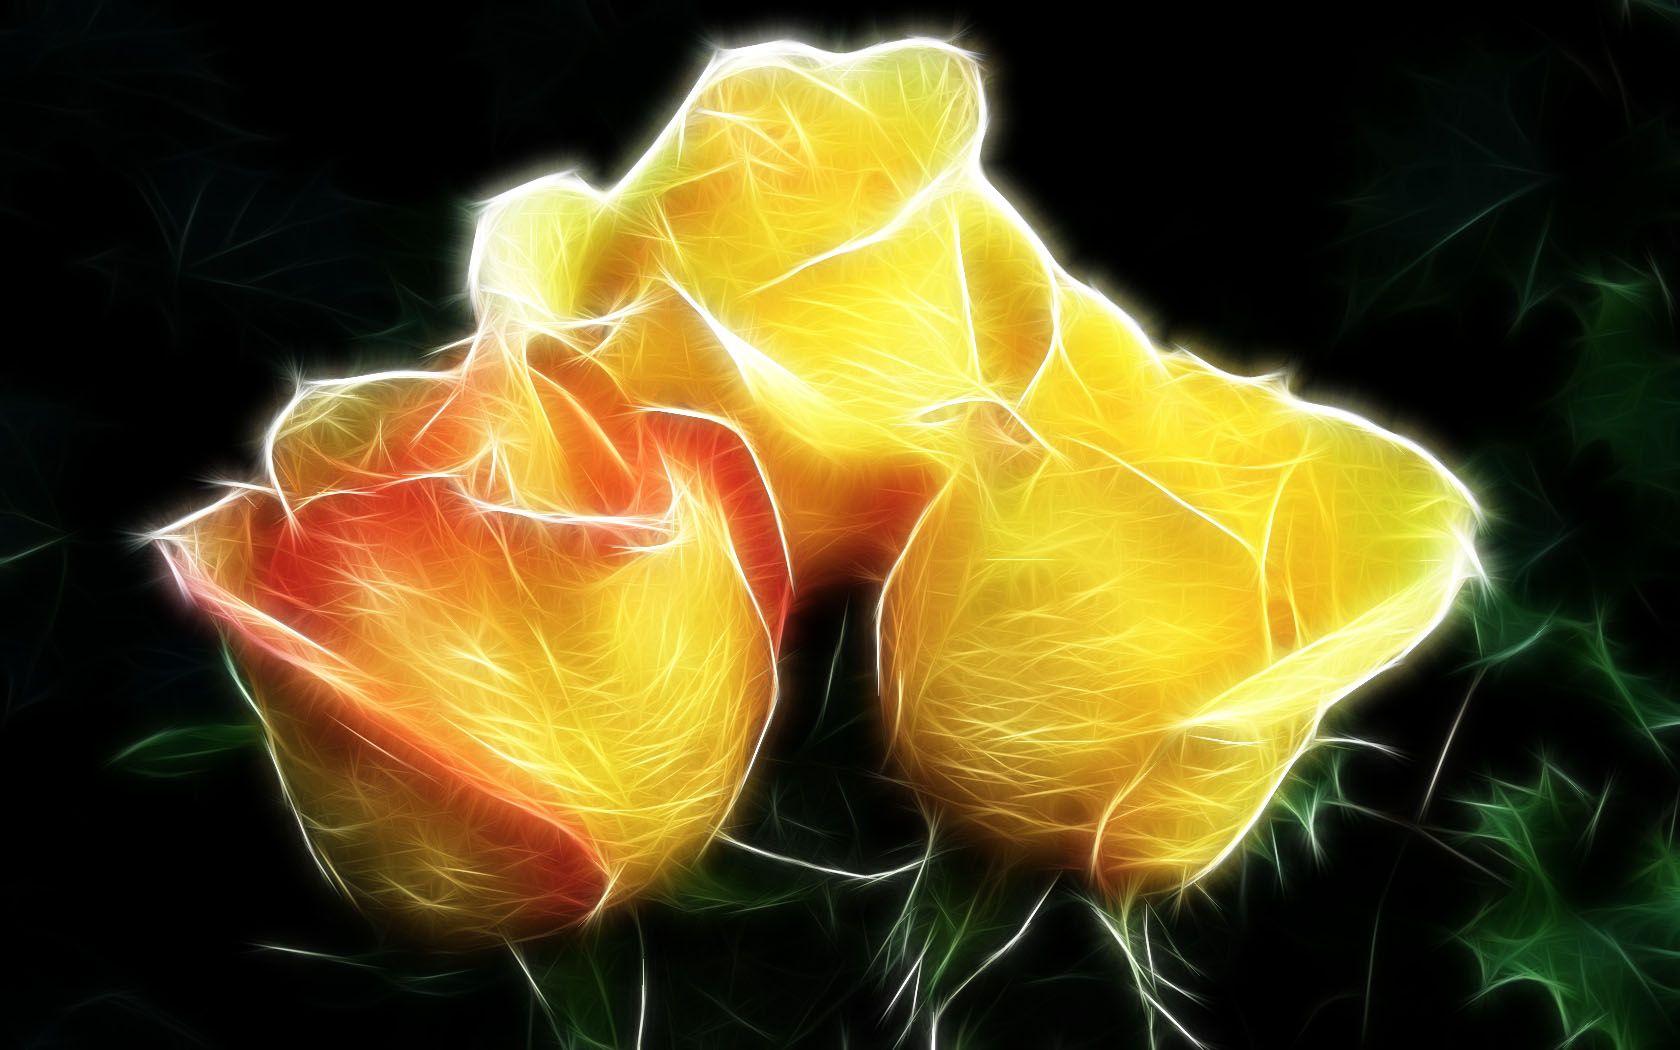 Artístico - Flor  Yellow Rosa Fractal Fondo de Pantalla